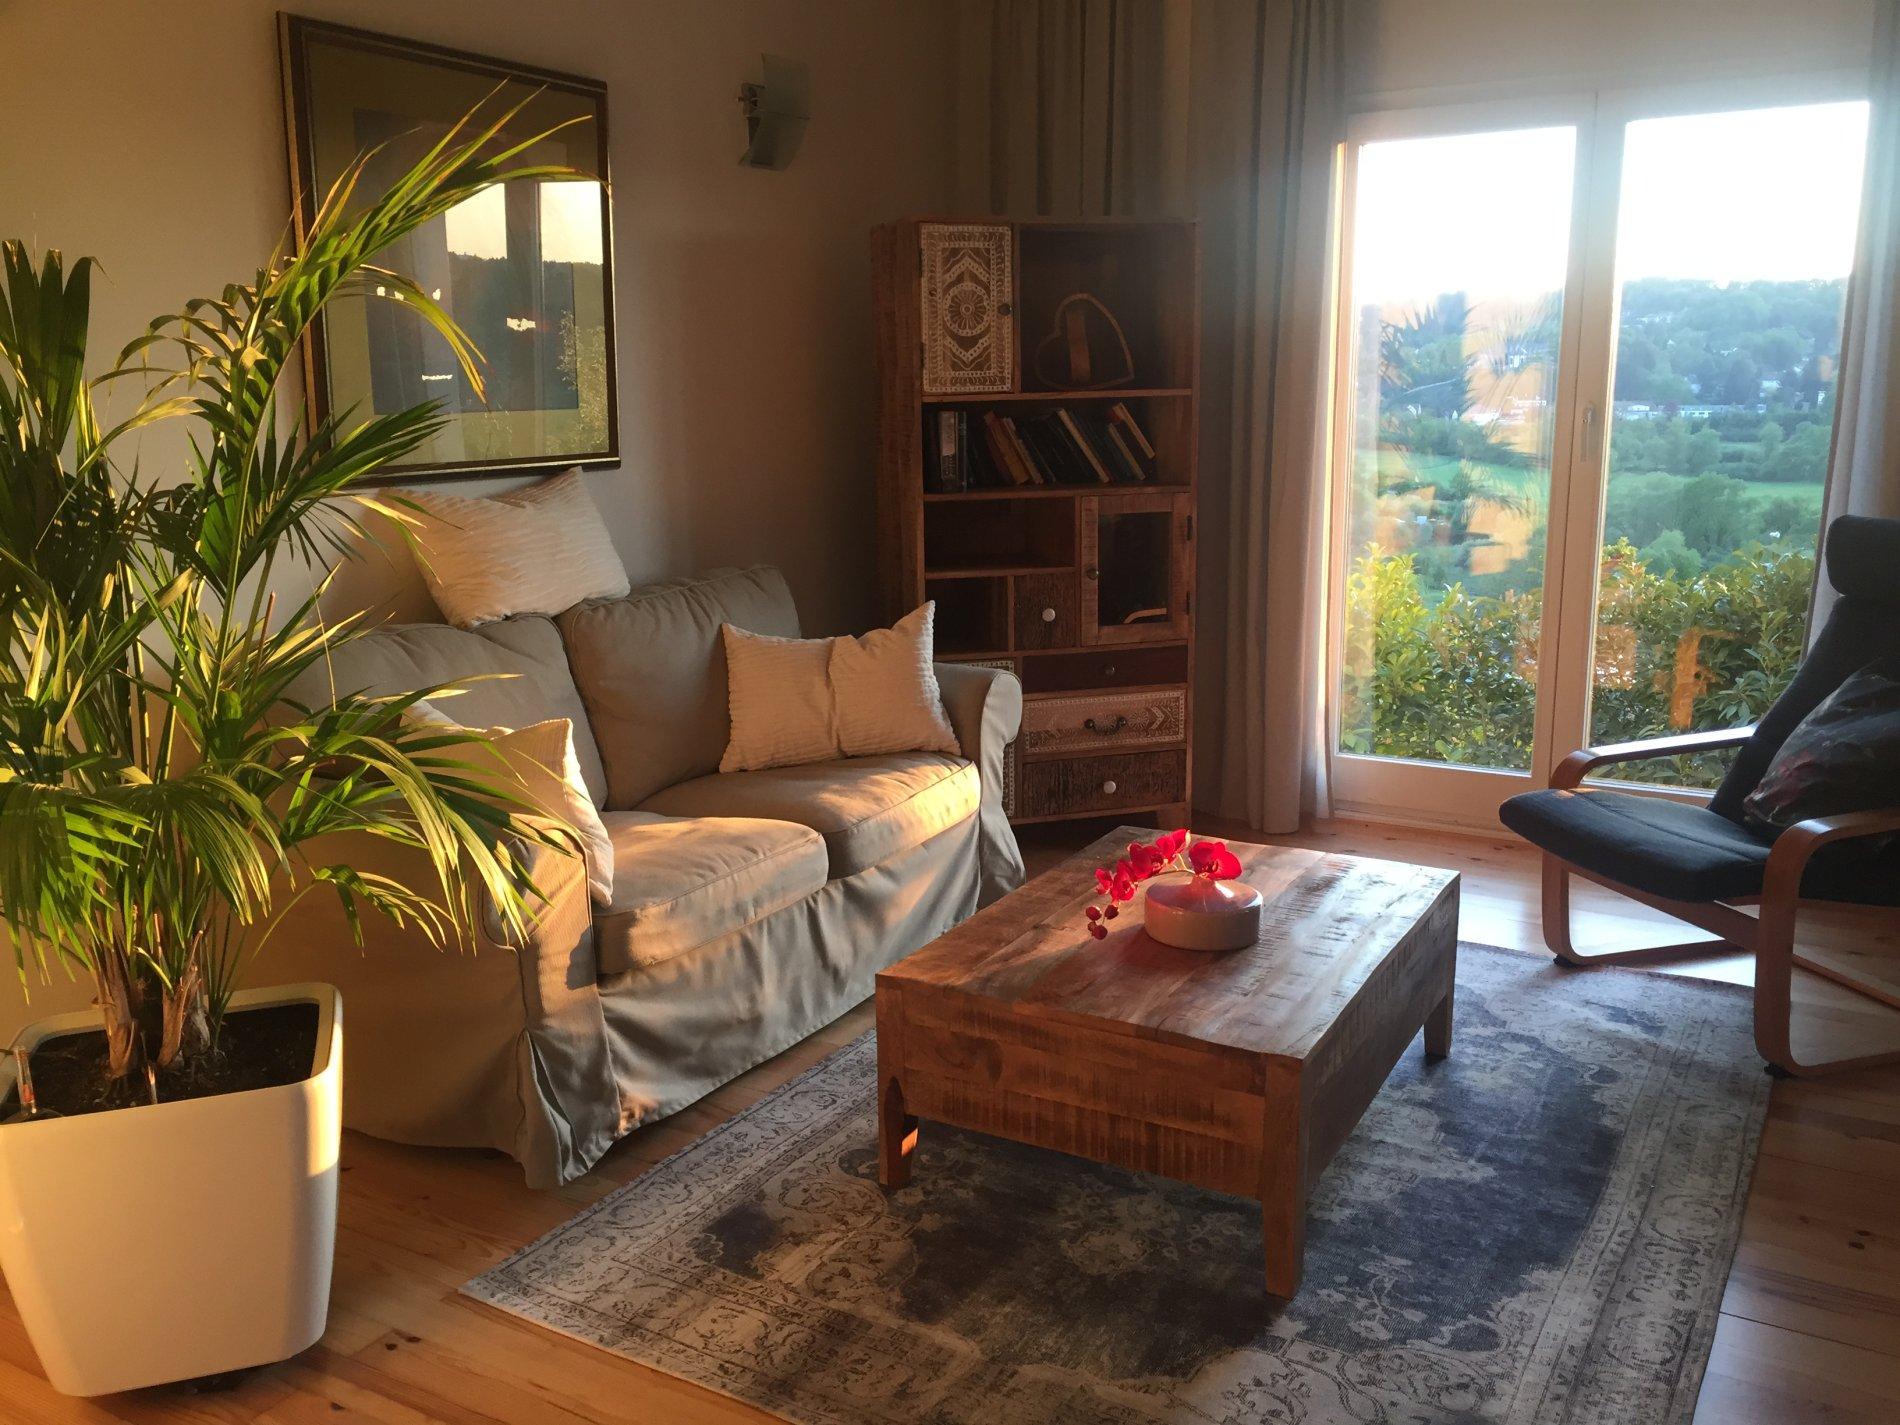 Gemütliches Wohnzimmer mit kleiner Couch und schöner Aussicht